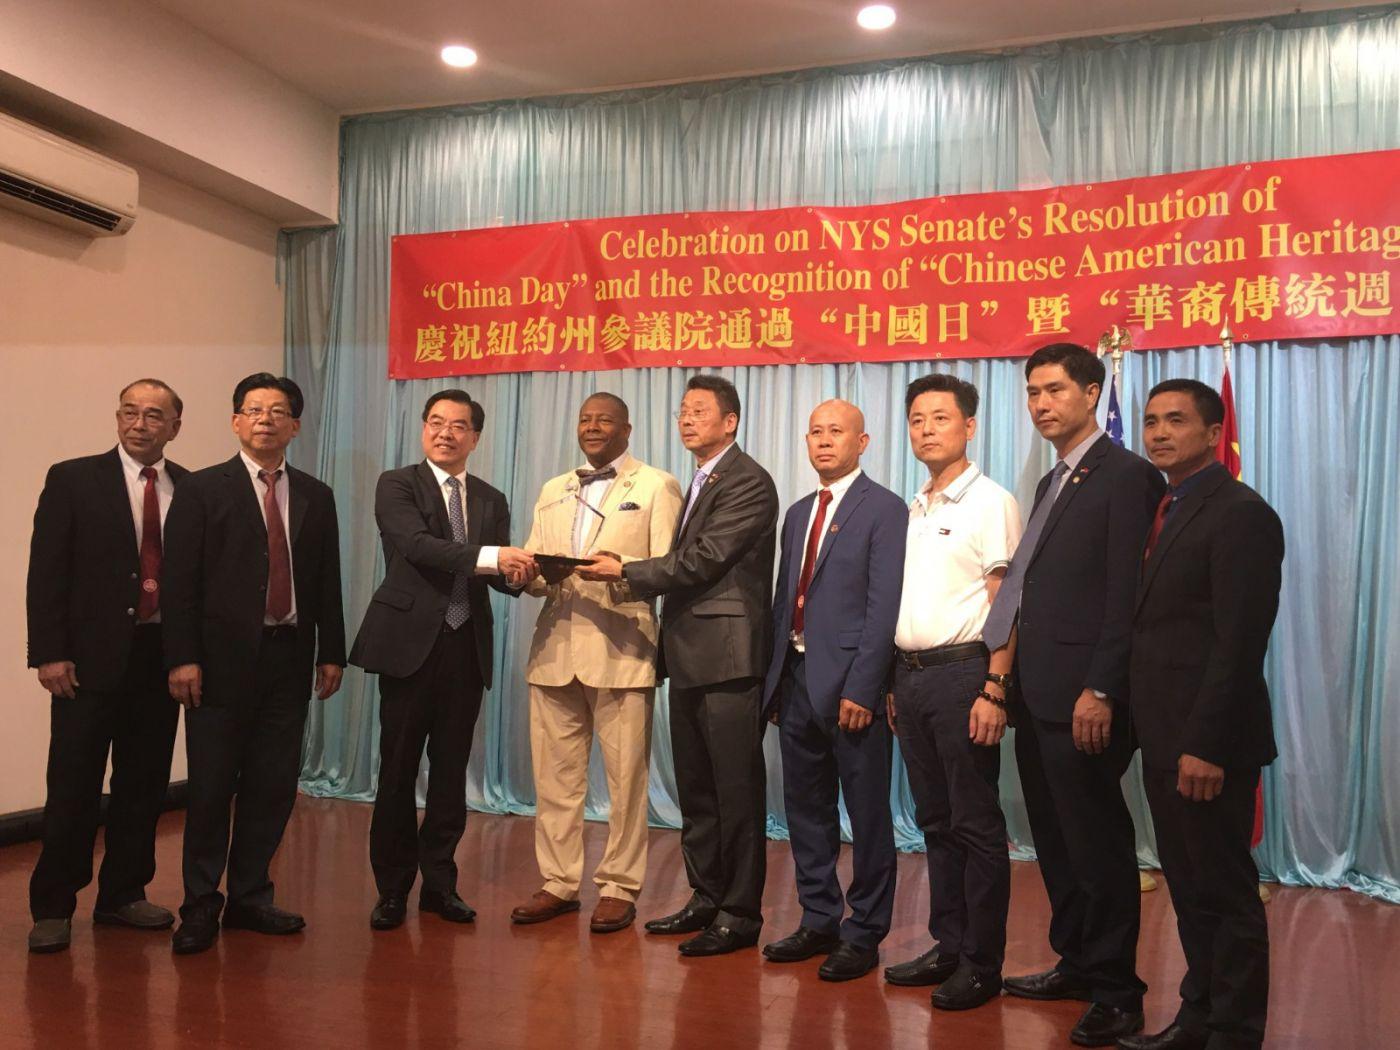 紐約州參議院通過「中國日」決議案慶祝会在紐約舉行_图1-13